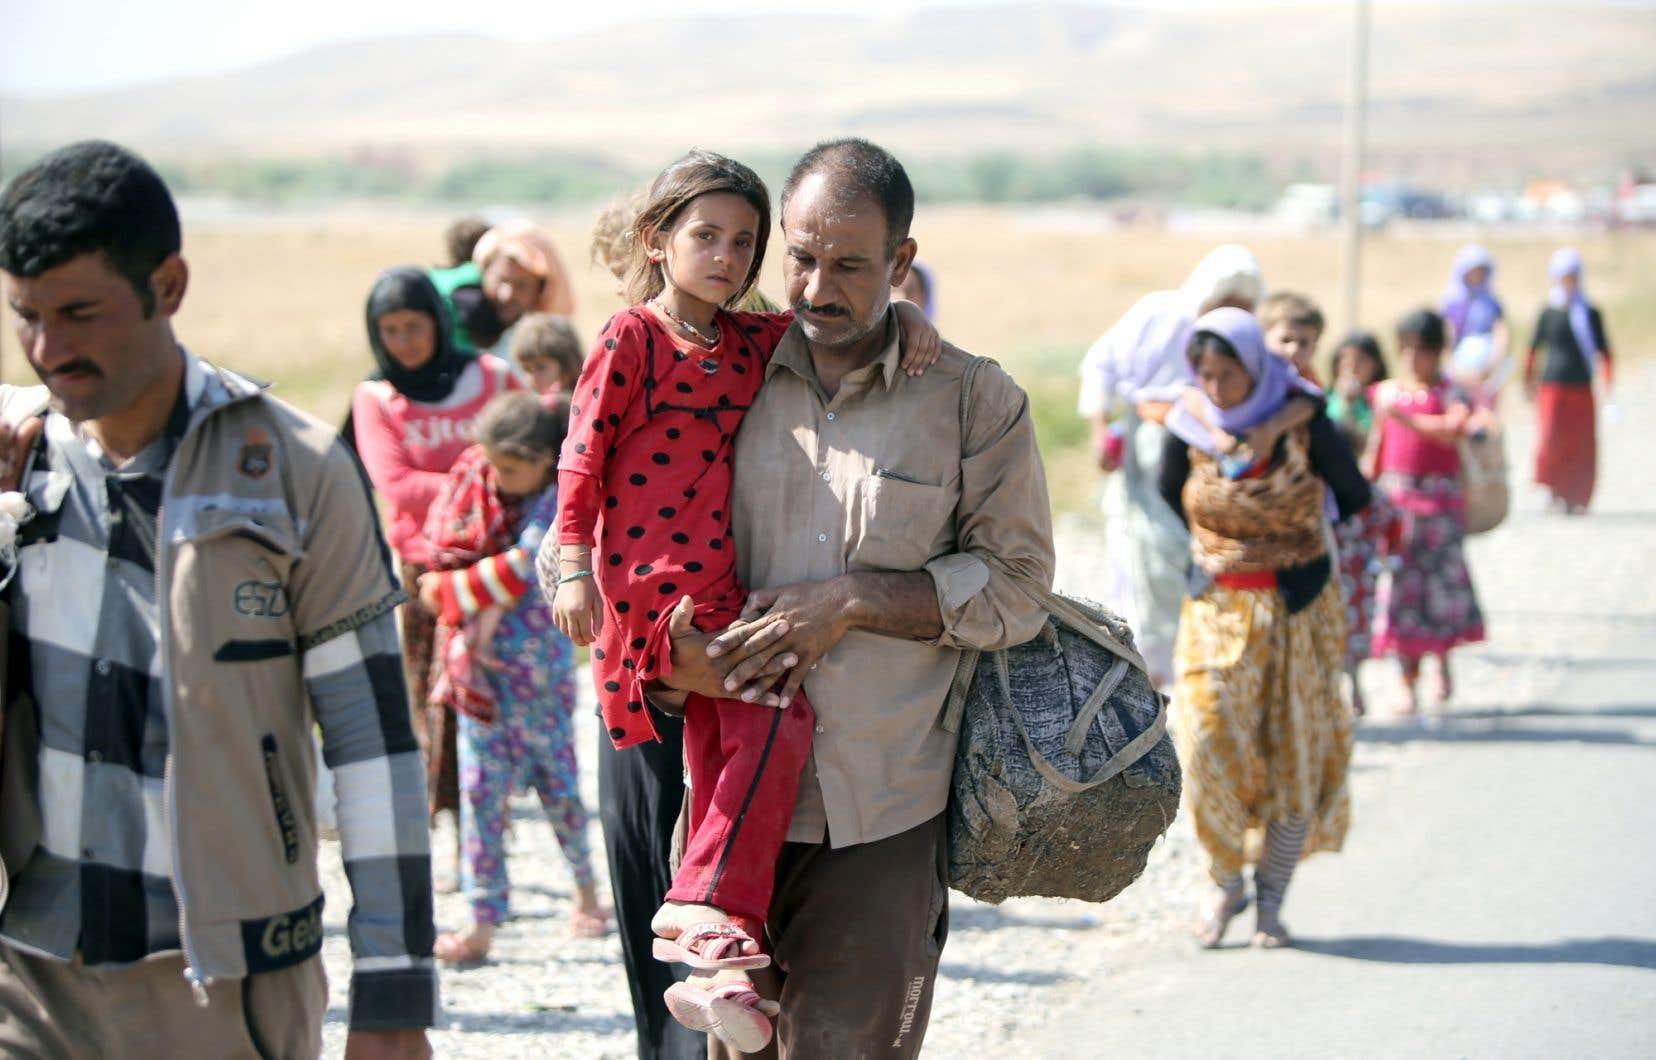 Au moins 20000 civils de la communauté des Yazidis, au nord de l'Irak, ont fui en Syrie. Les membres de cette communauté persécutée par l'EI sont repoussés vers les montagnes arides où ils risquent de mourir de soif.